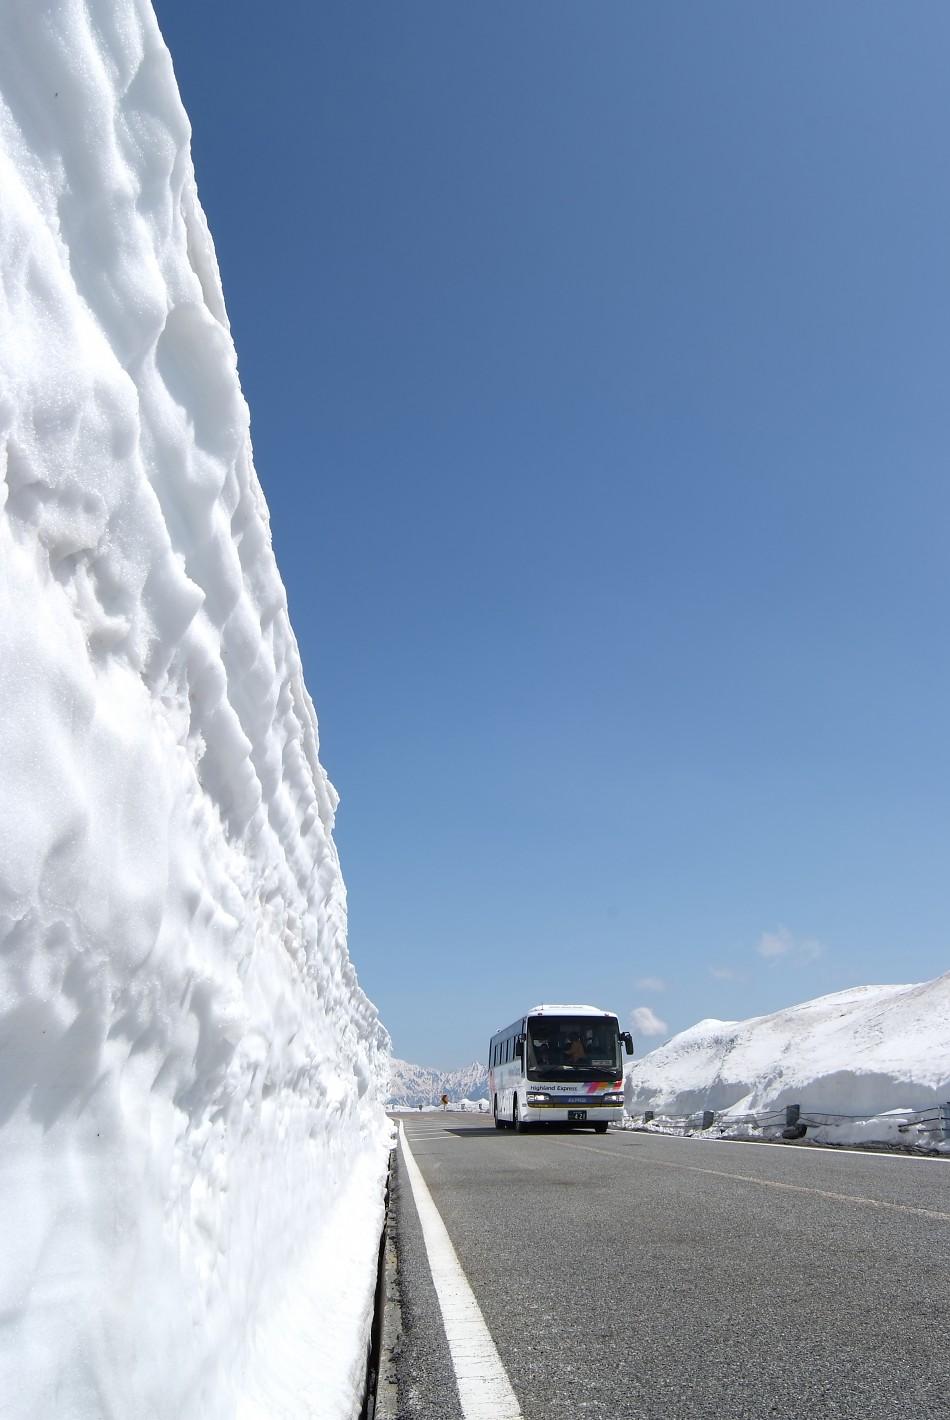 【画像】5月15日(火)乗鞍開山&乗鞍スカイライン開通